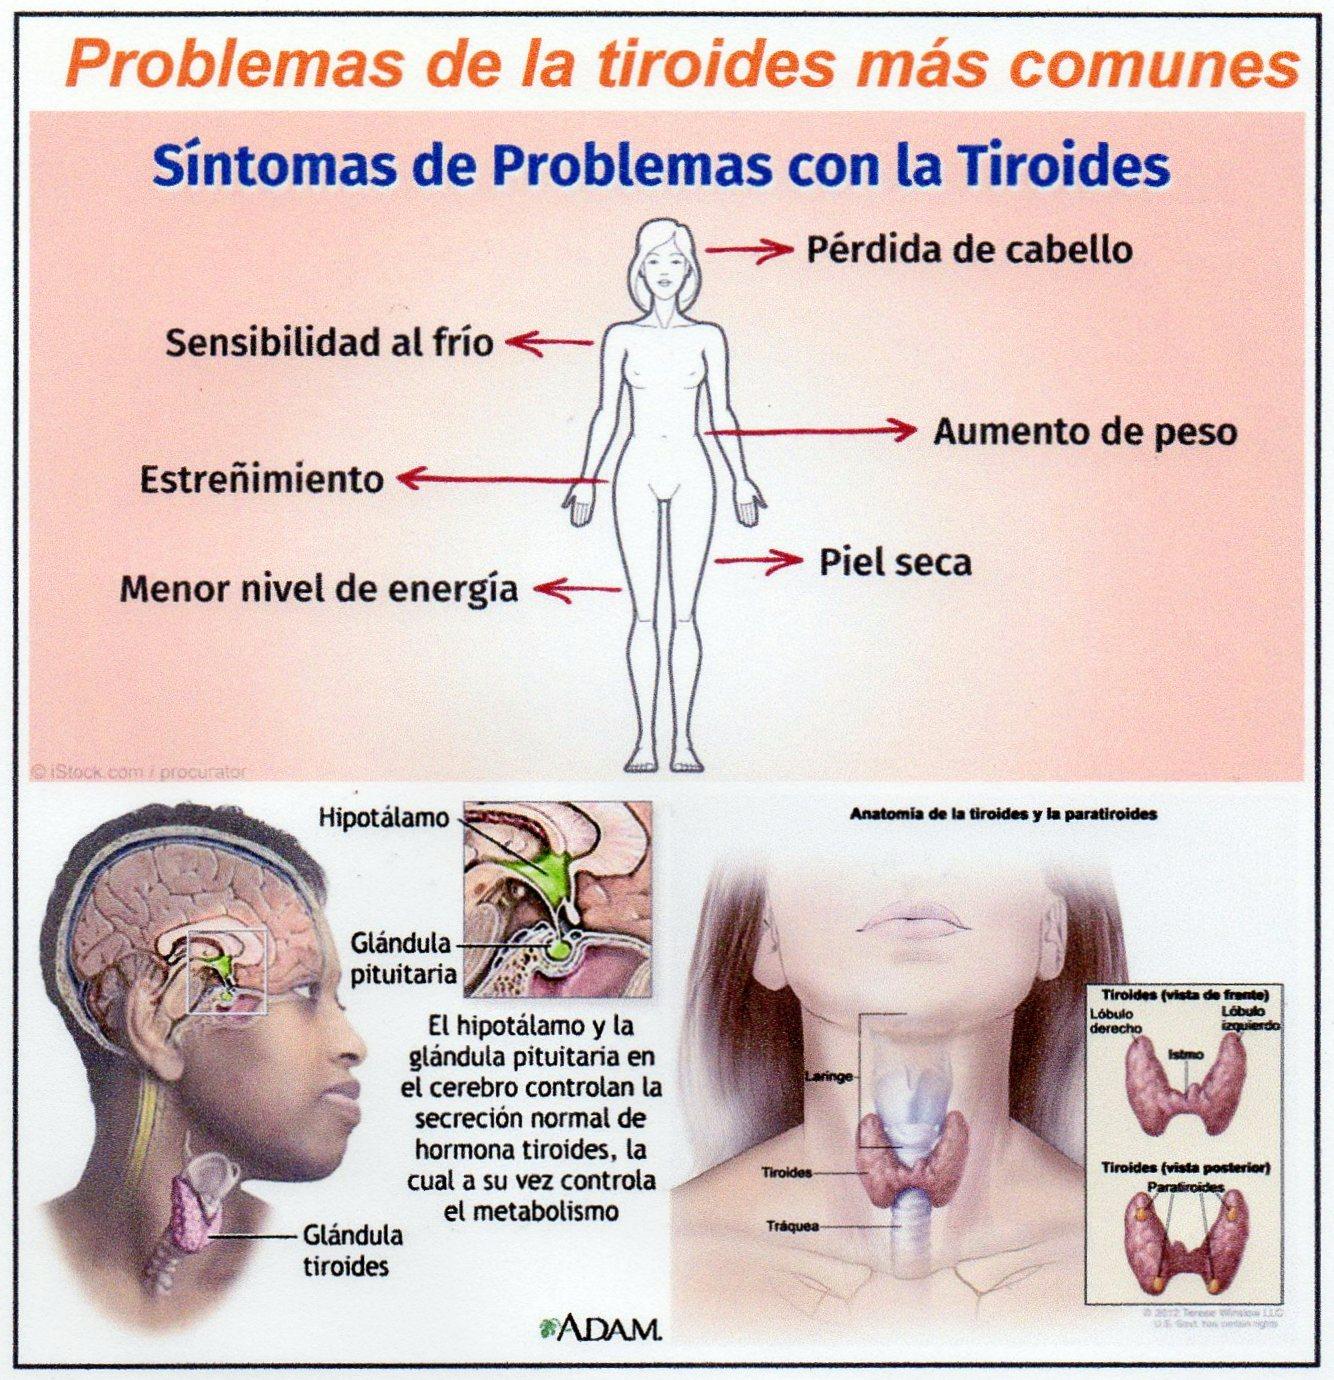 Diez datos claves sobre los problemas de tiroides